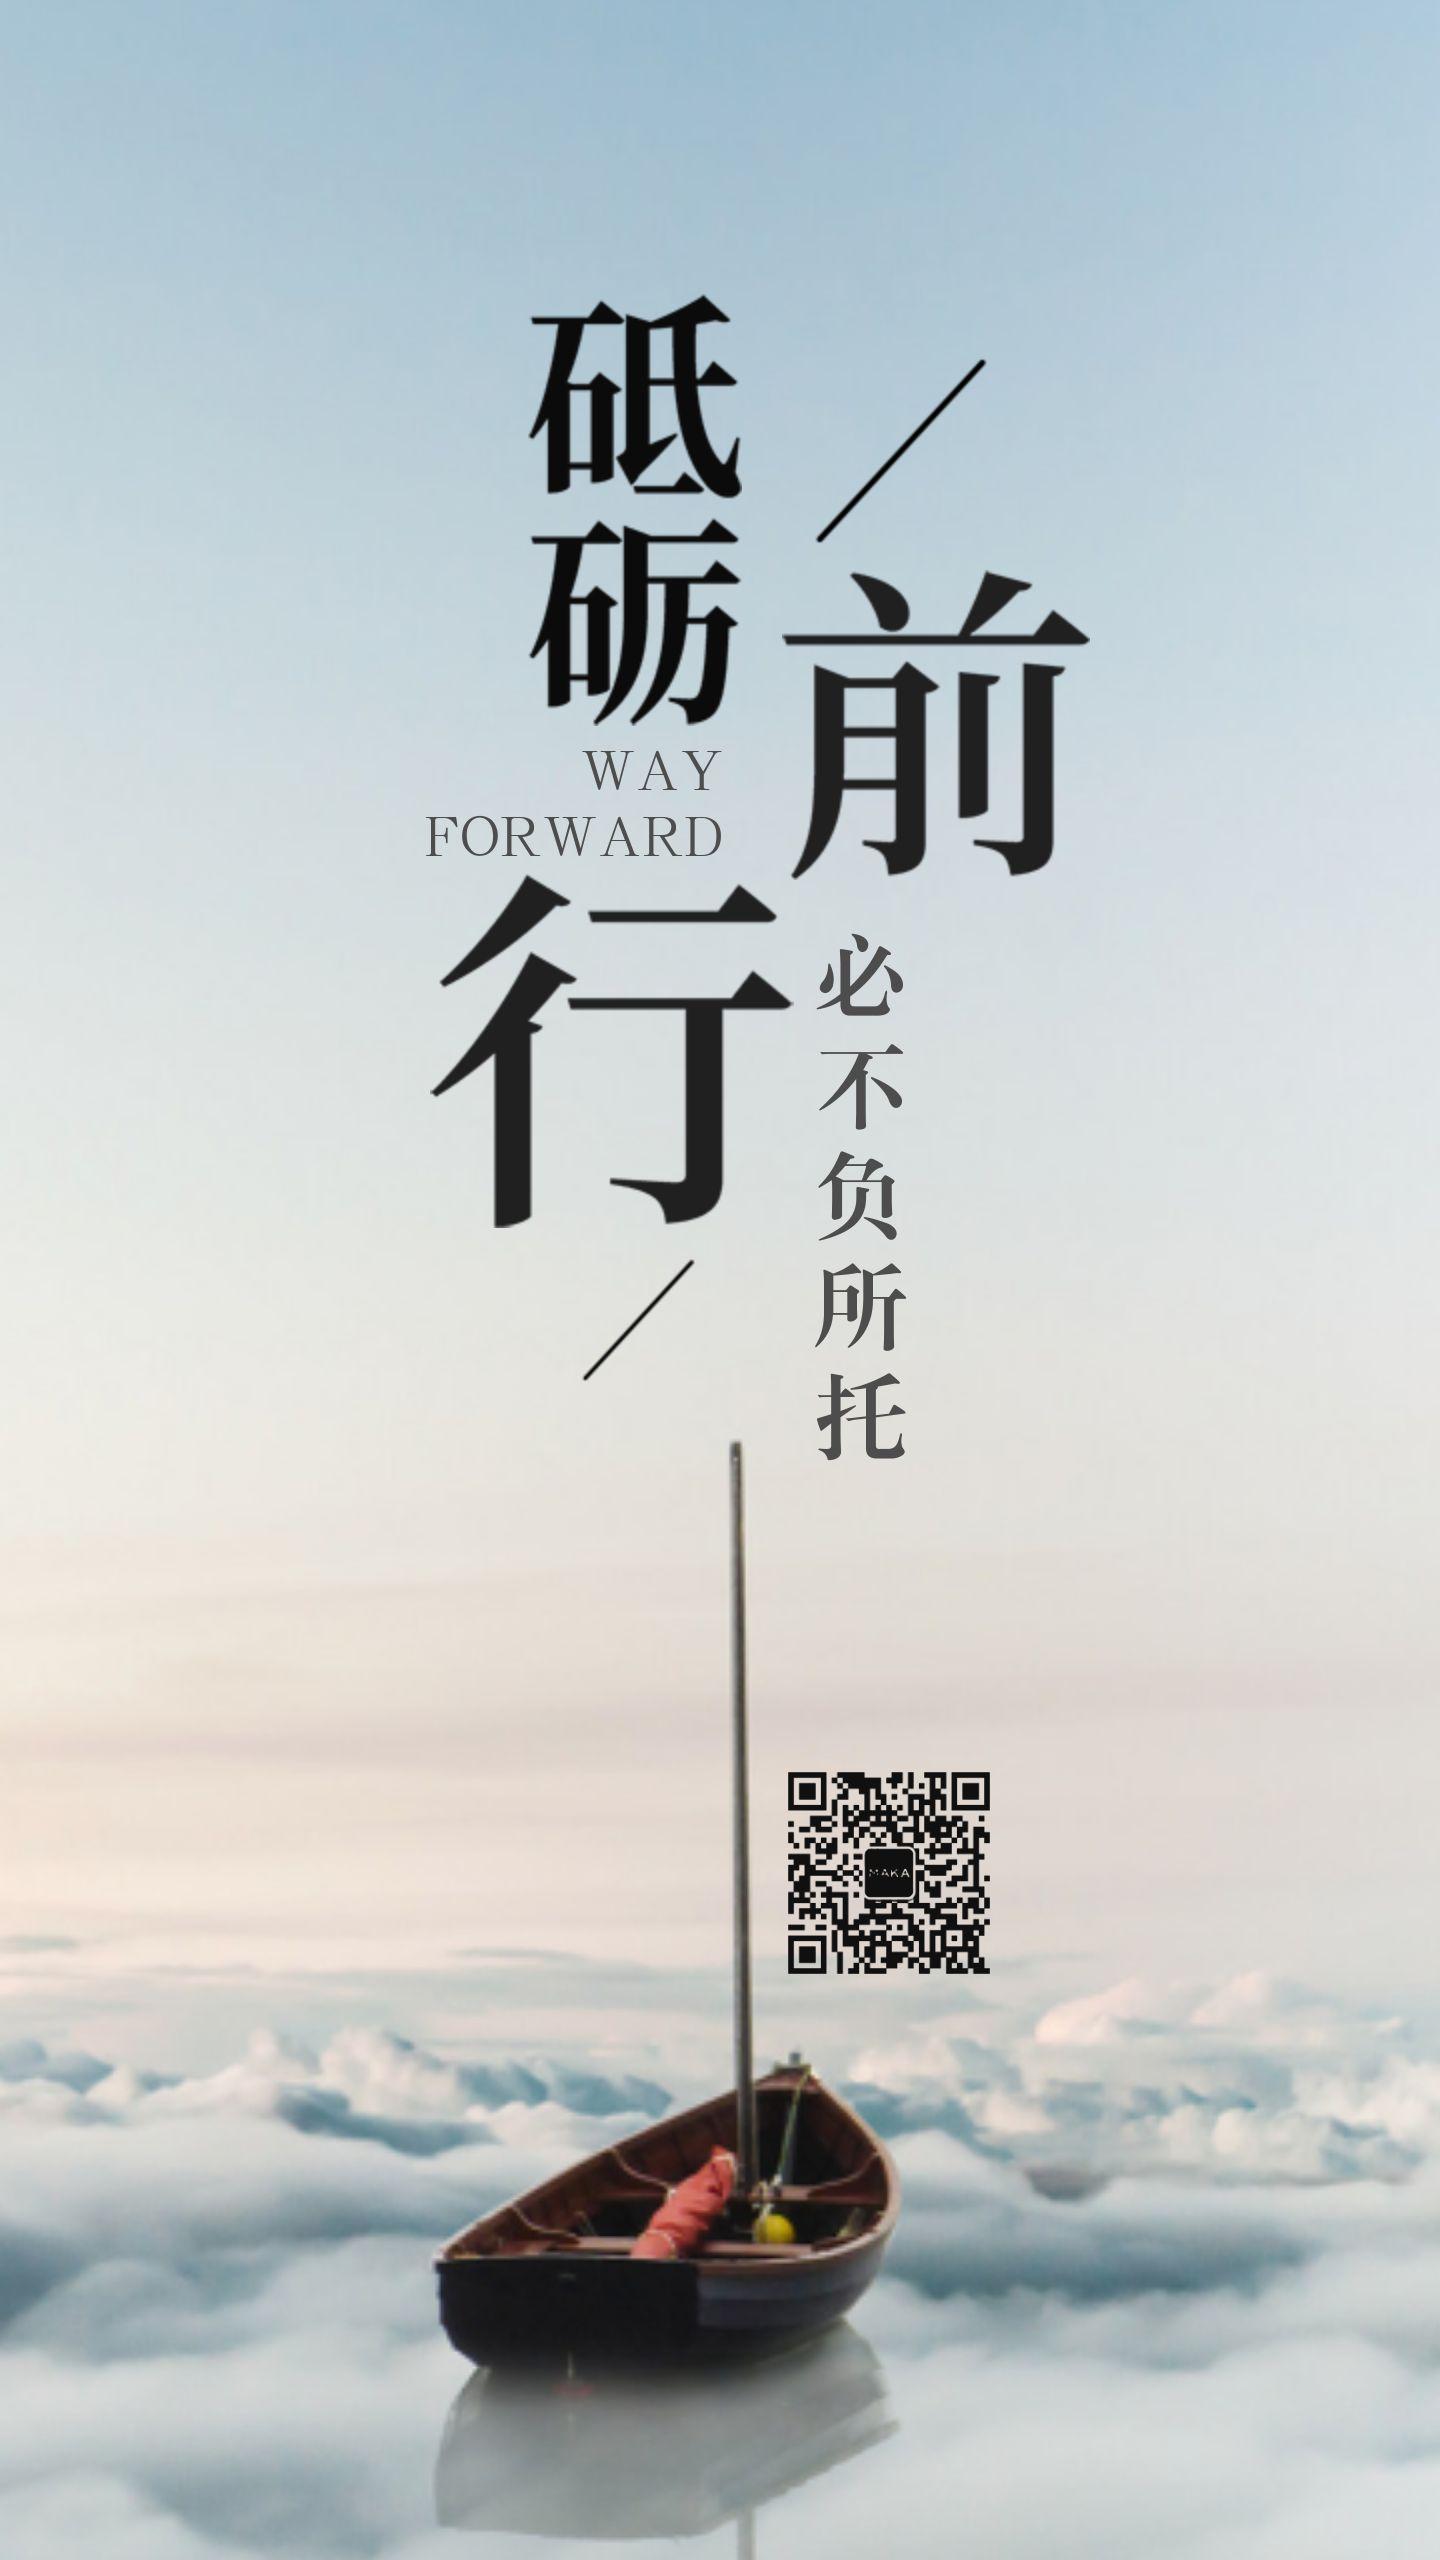 简约大气砥砺前行梦想的小船励志宣传企业文化朋友圈日签宣传海报